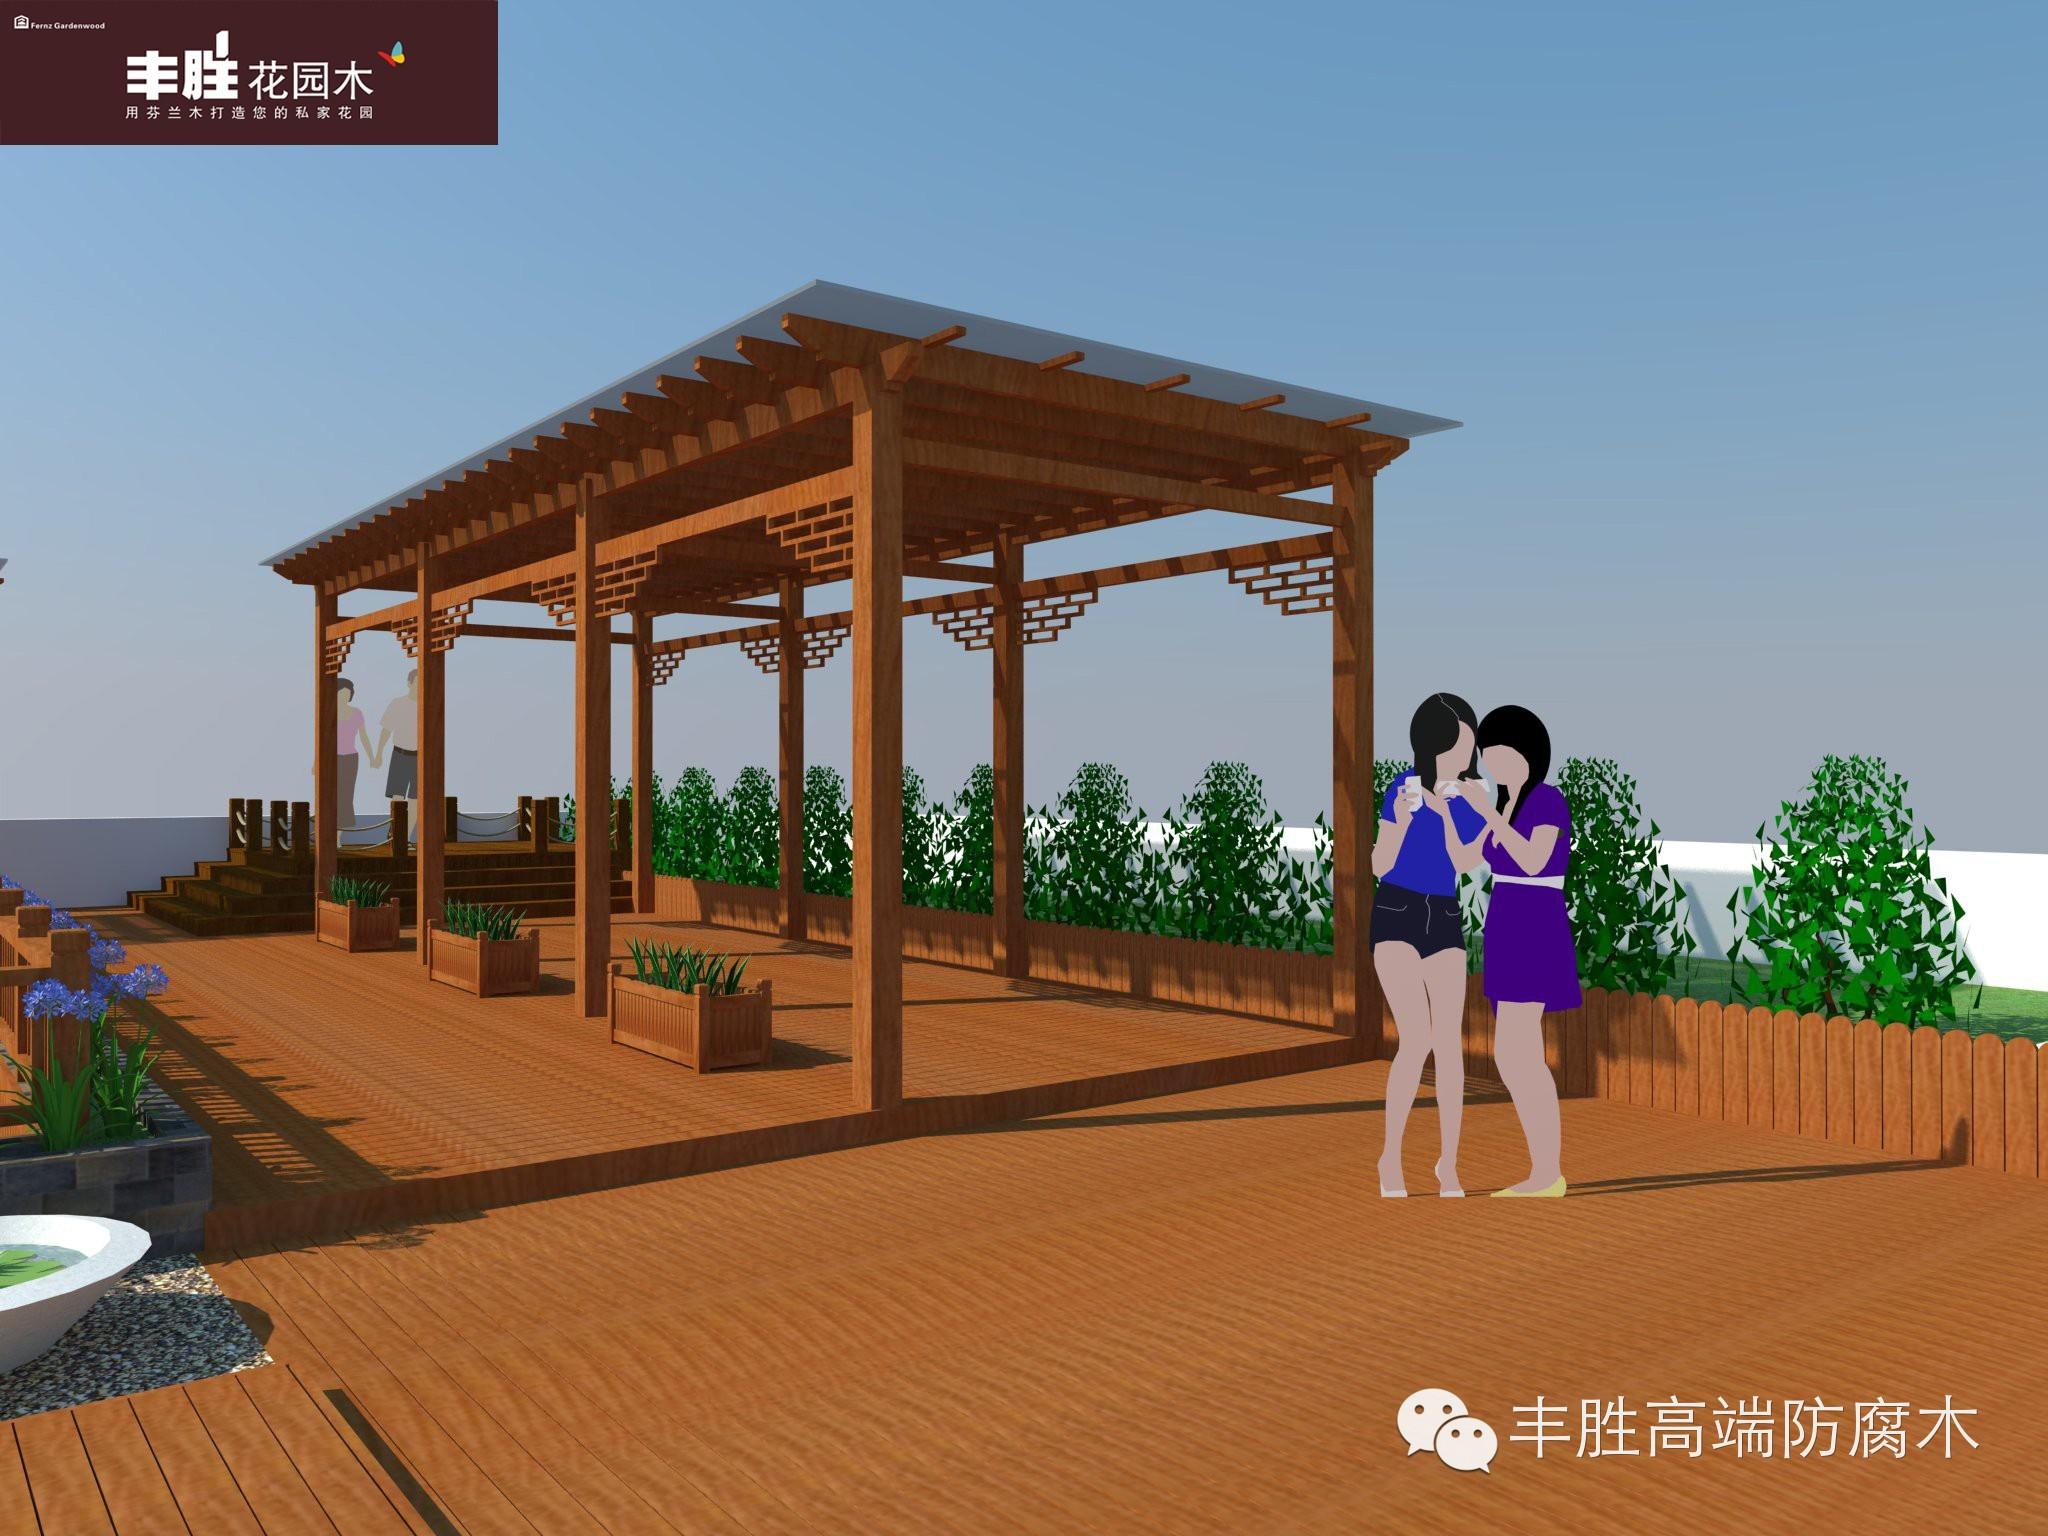 创新设计,点缀你的心灵花园 2014年丰胜最美木花园设计案例赏析 丰胜 广州 建材有限公司